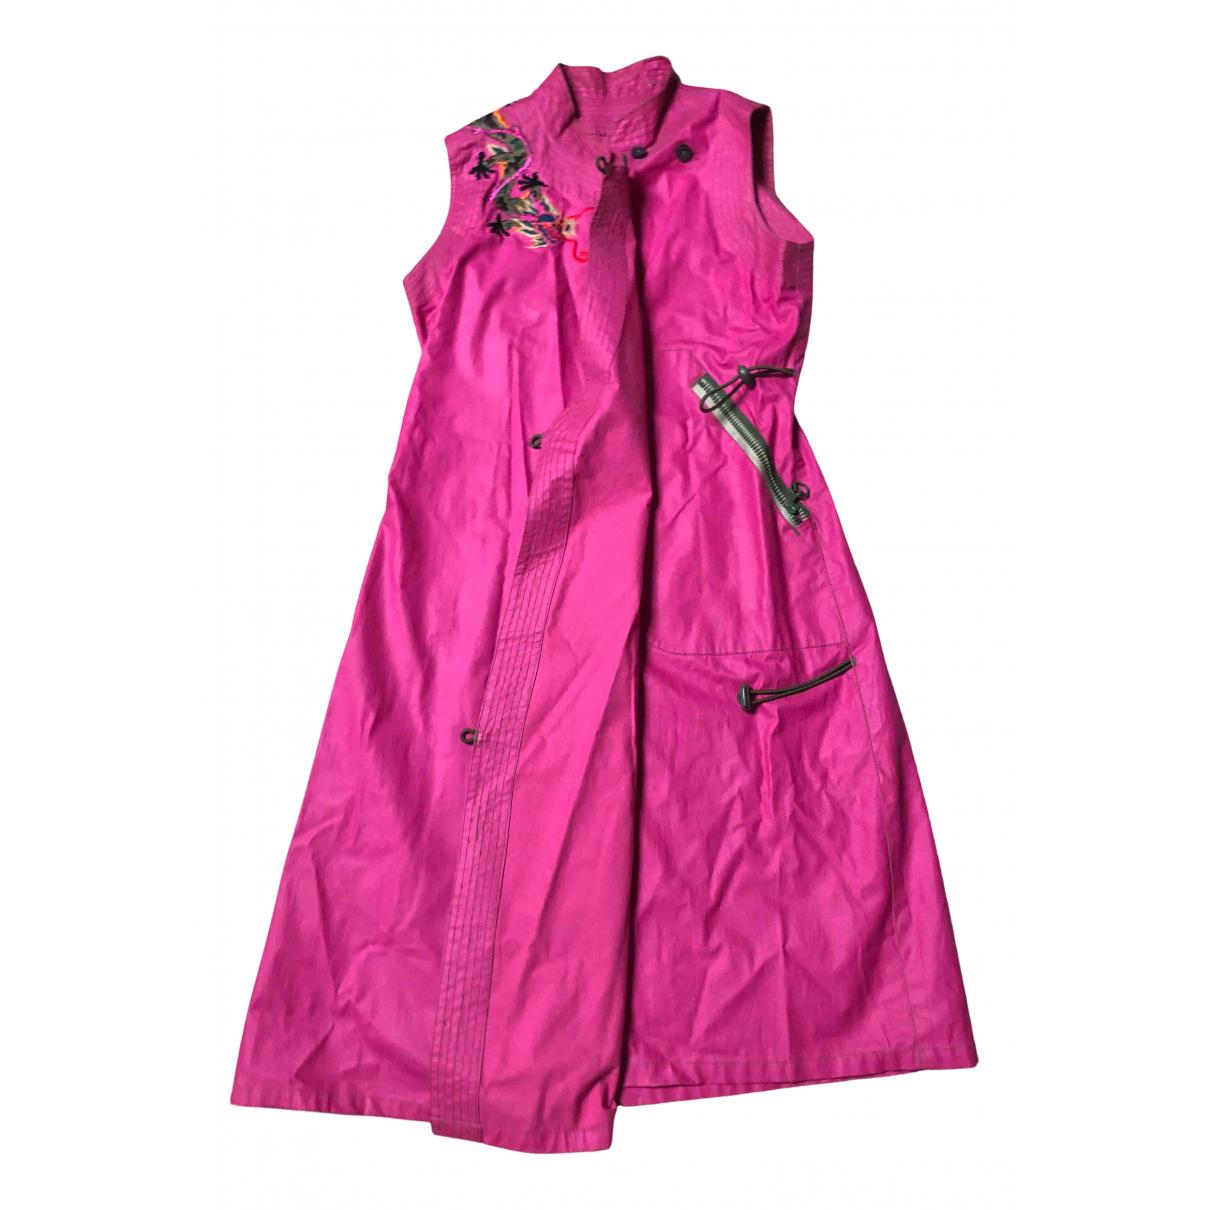 Maharishi \N Kleid in  Rosa Baumwolle